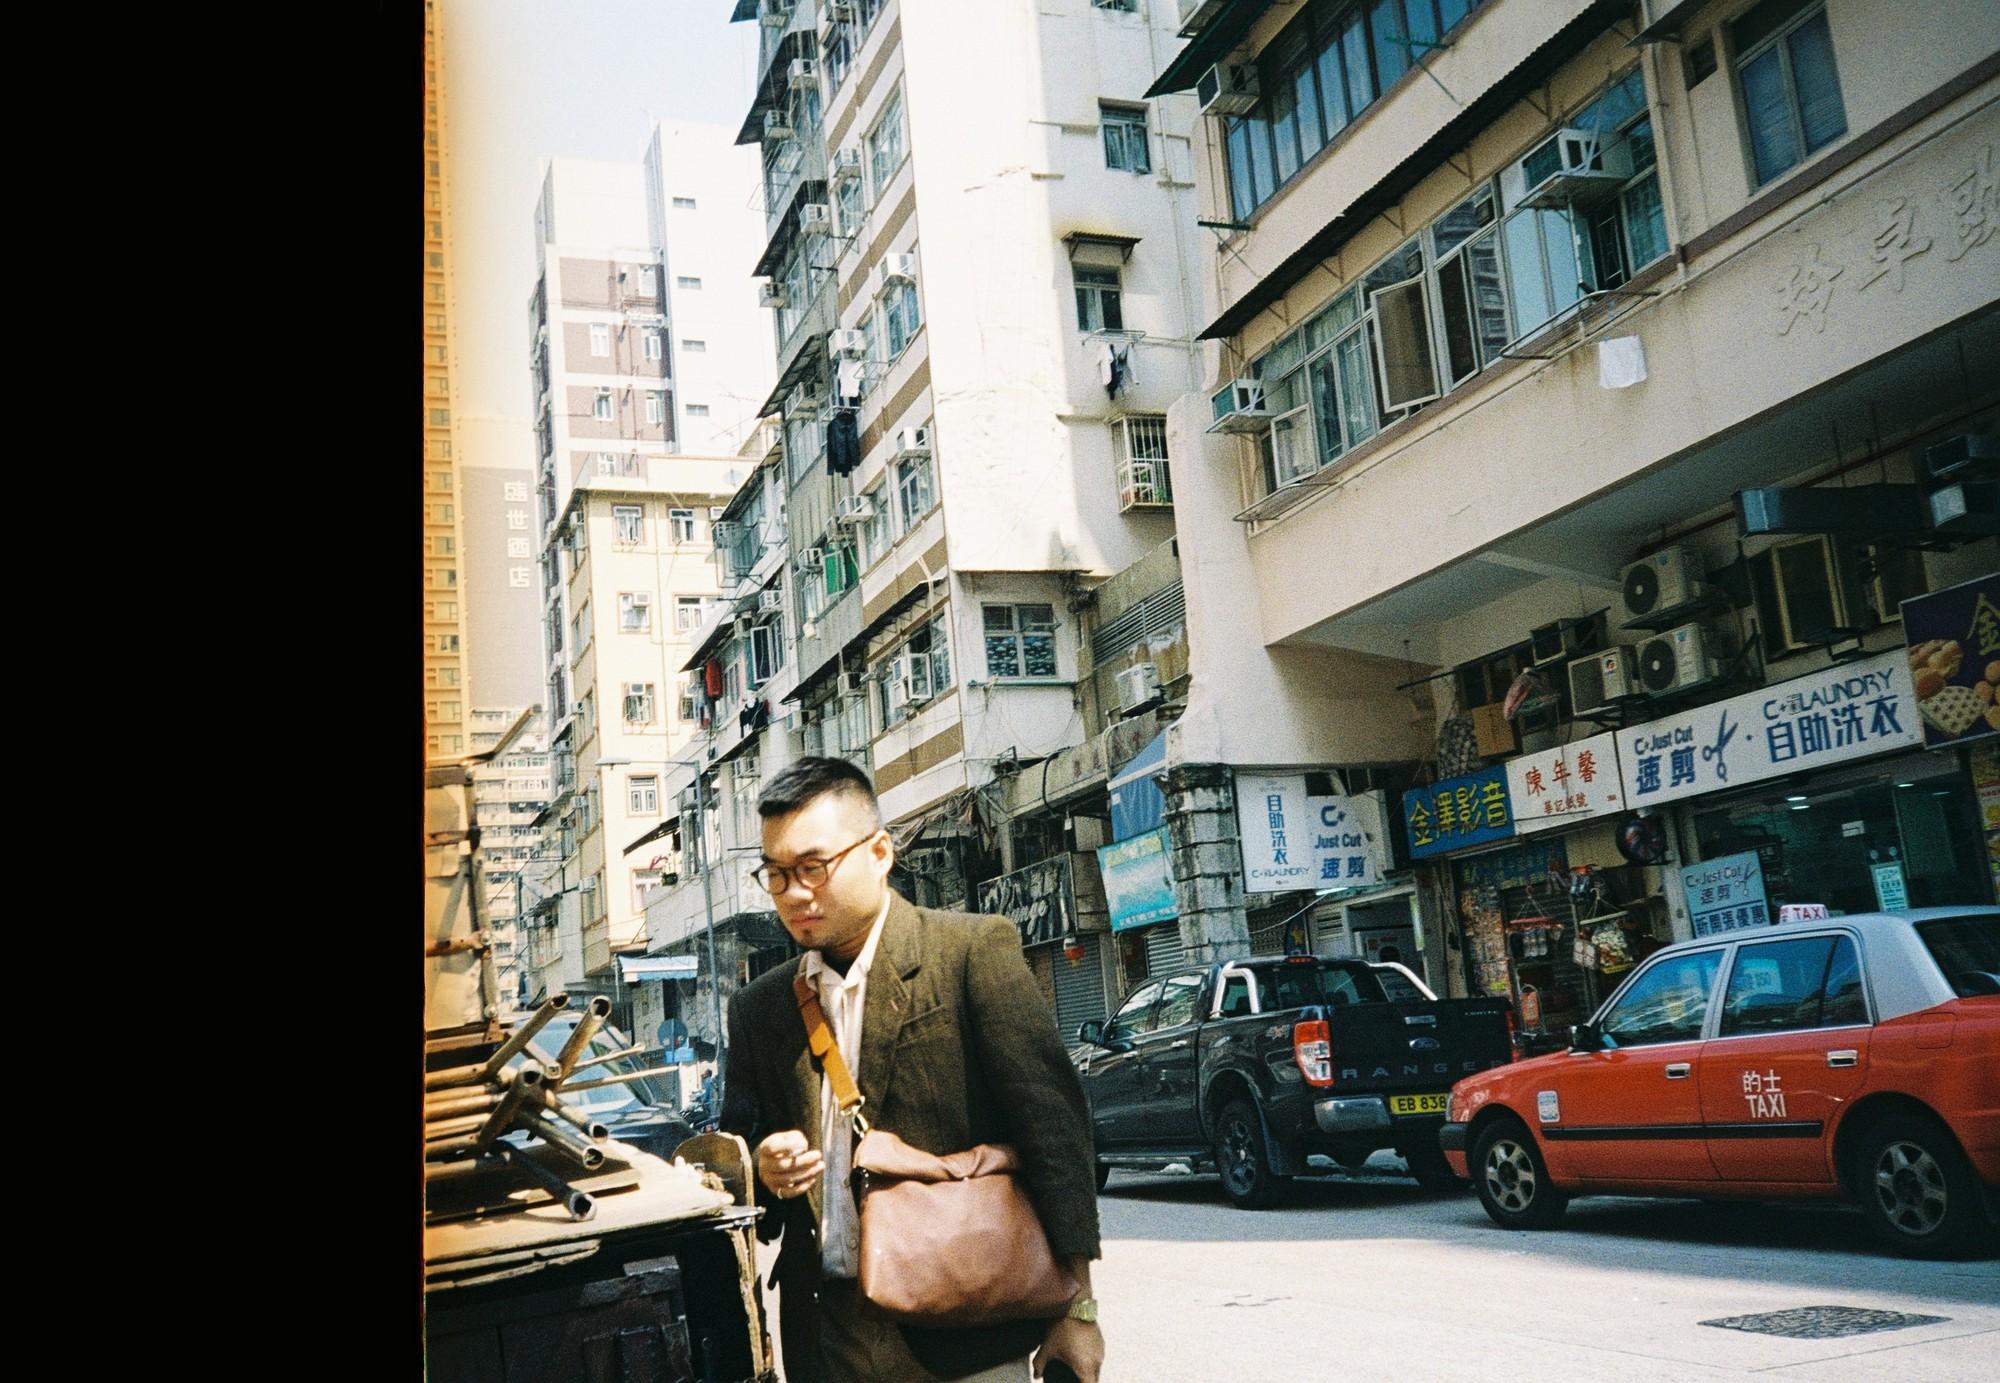 Hong Kong đẹp đến ngỡ ngàng qua những thước ảnh film của chàng trai Sài Gòn: Ai mà ngờ những tấm hình này được chụp vào năm 2019 kia chứ! - Ảnh 2.